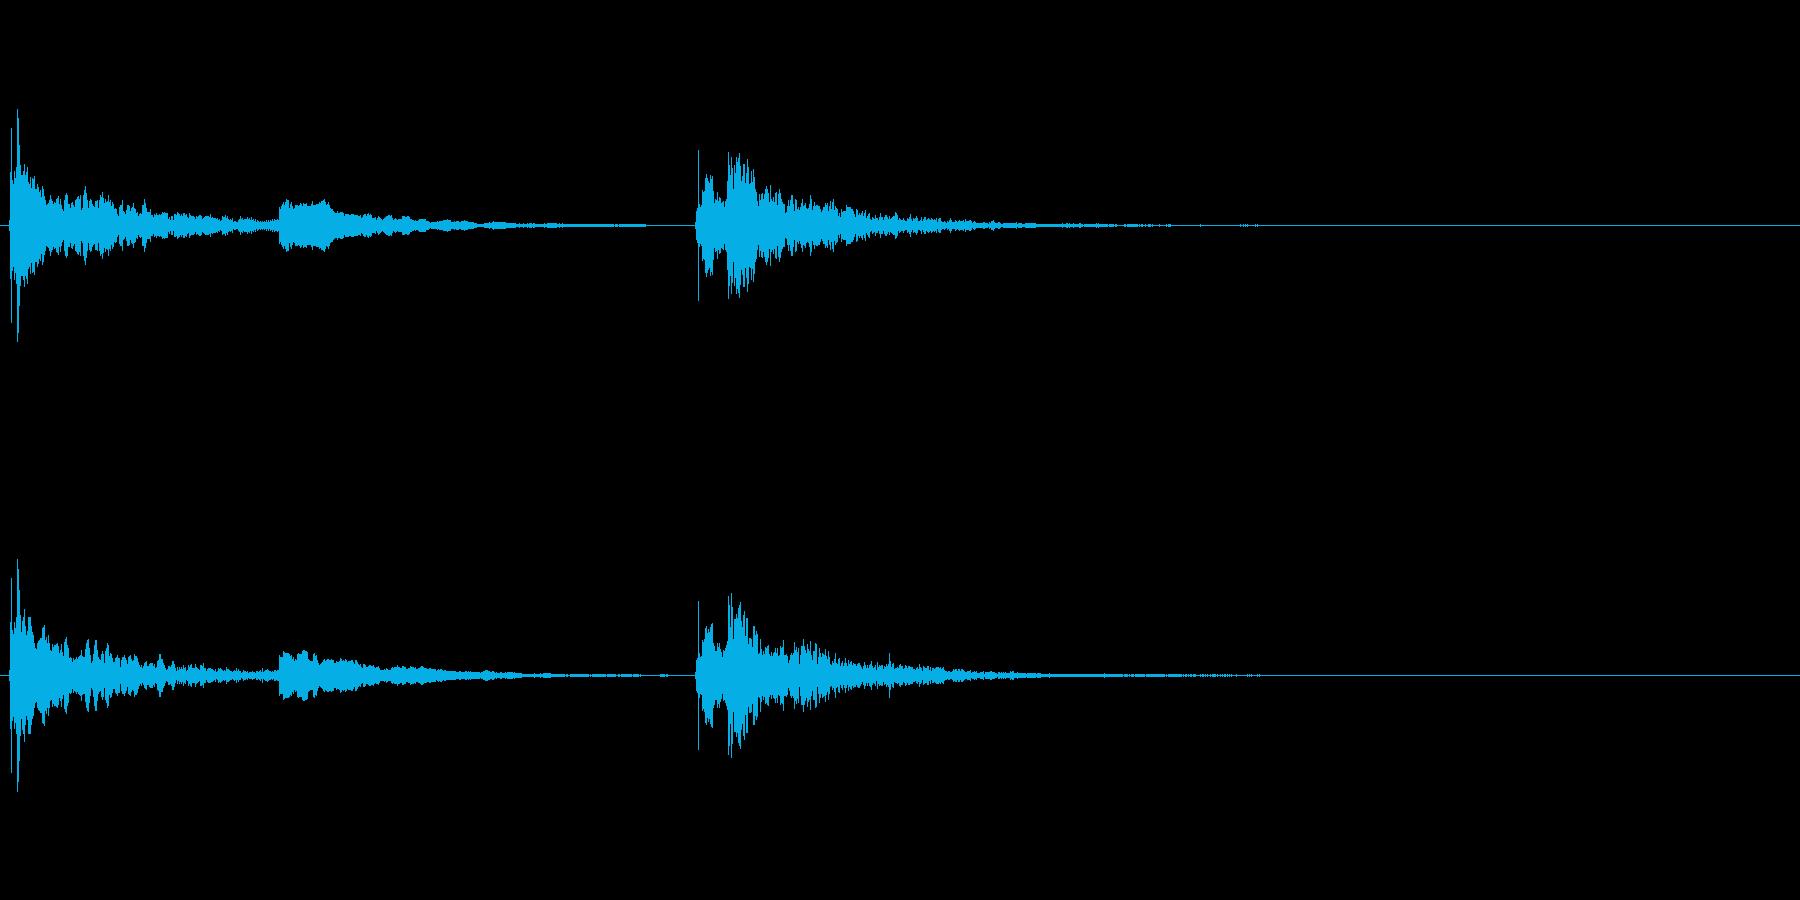 生演奏 琵琶 和風 古典風 残響有#6の再生済みの波形